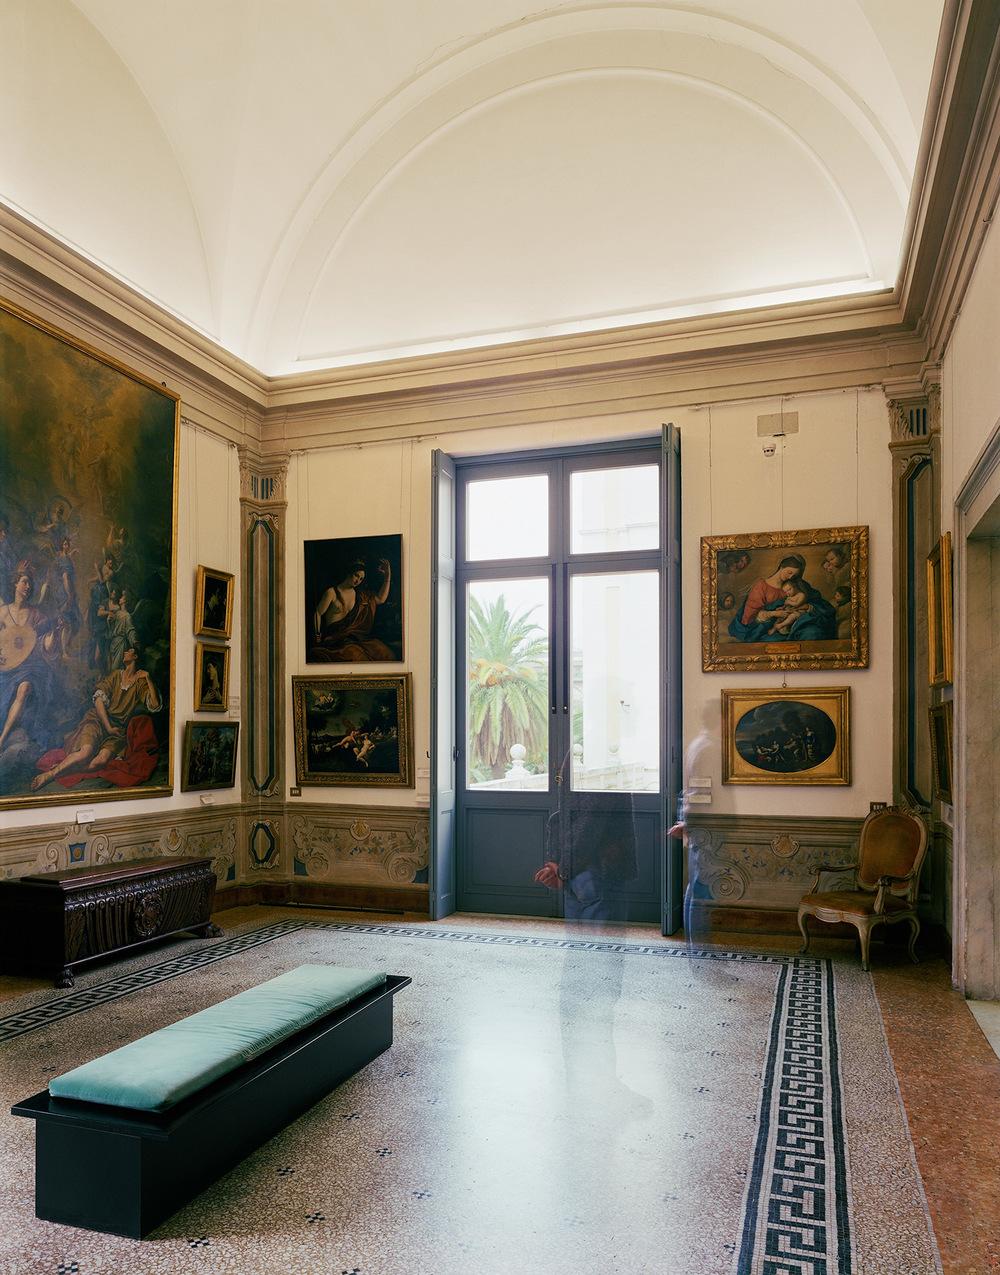 Picture Gallery, Galleria Corsini, Rome